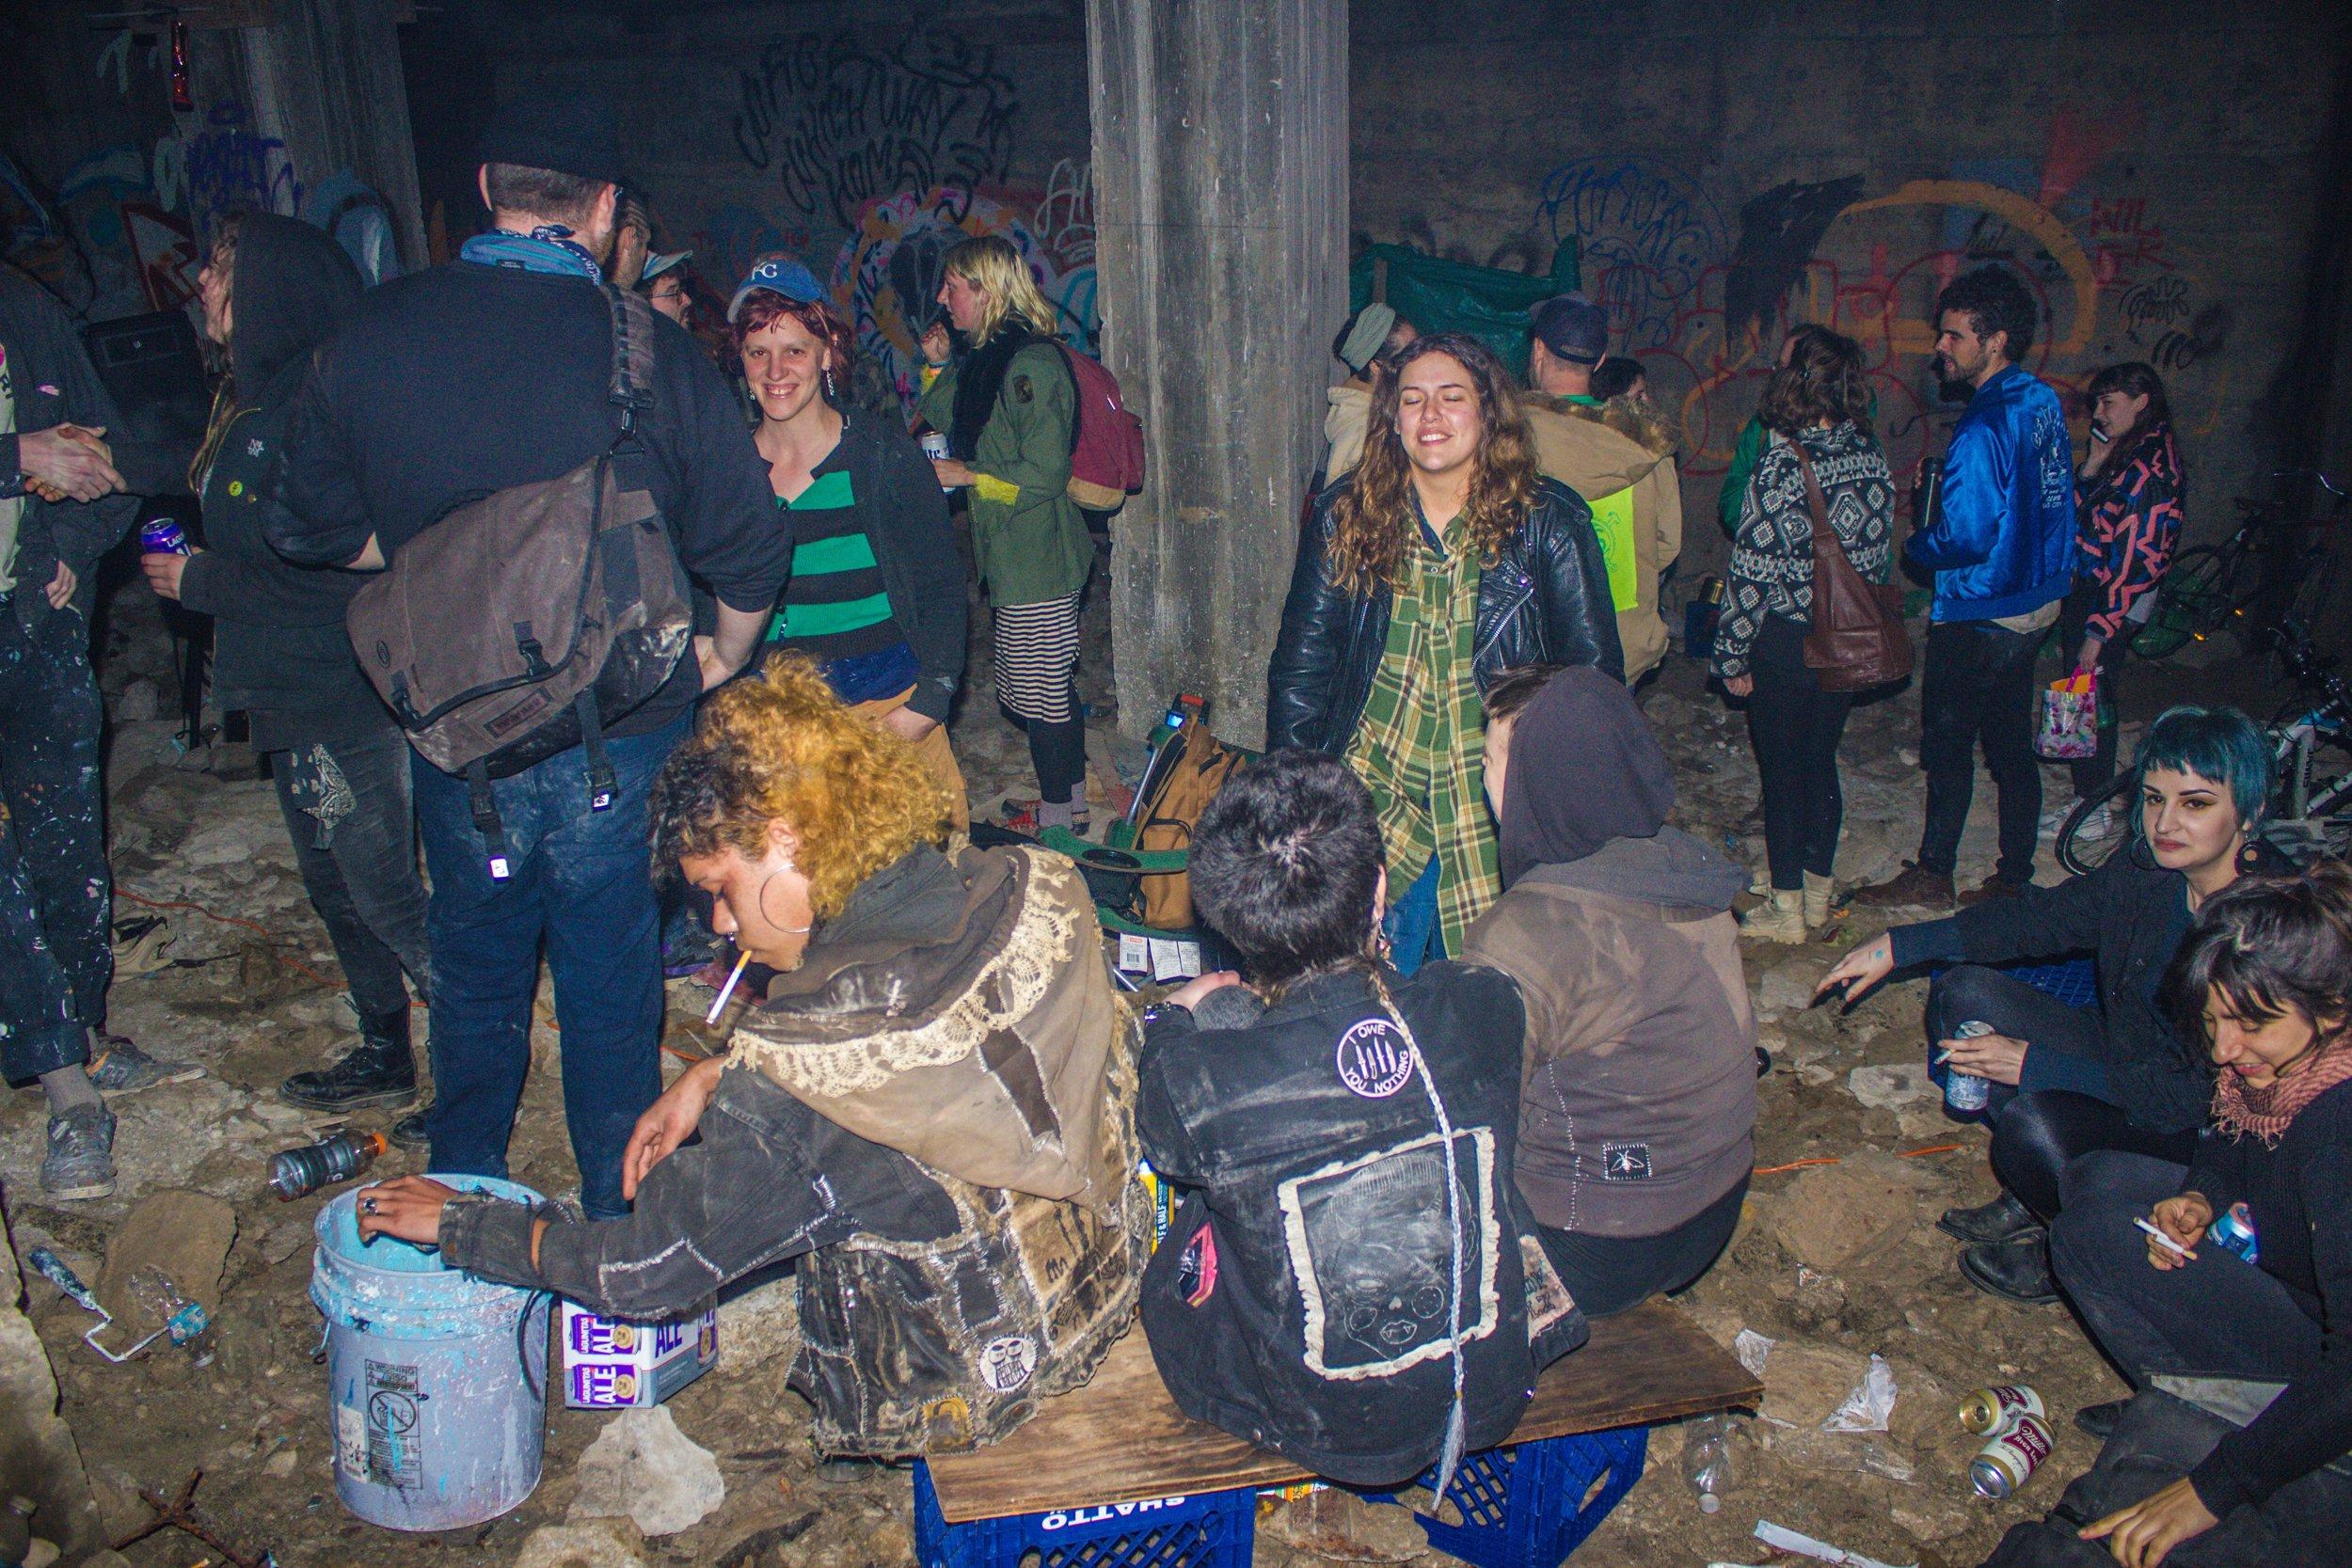 Wastedland 2 Event Photos-34.jpeg